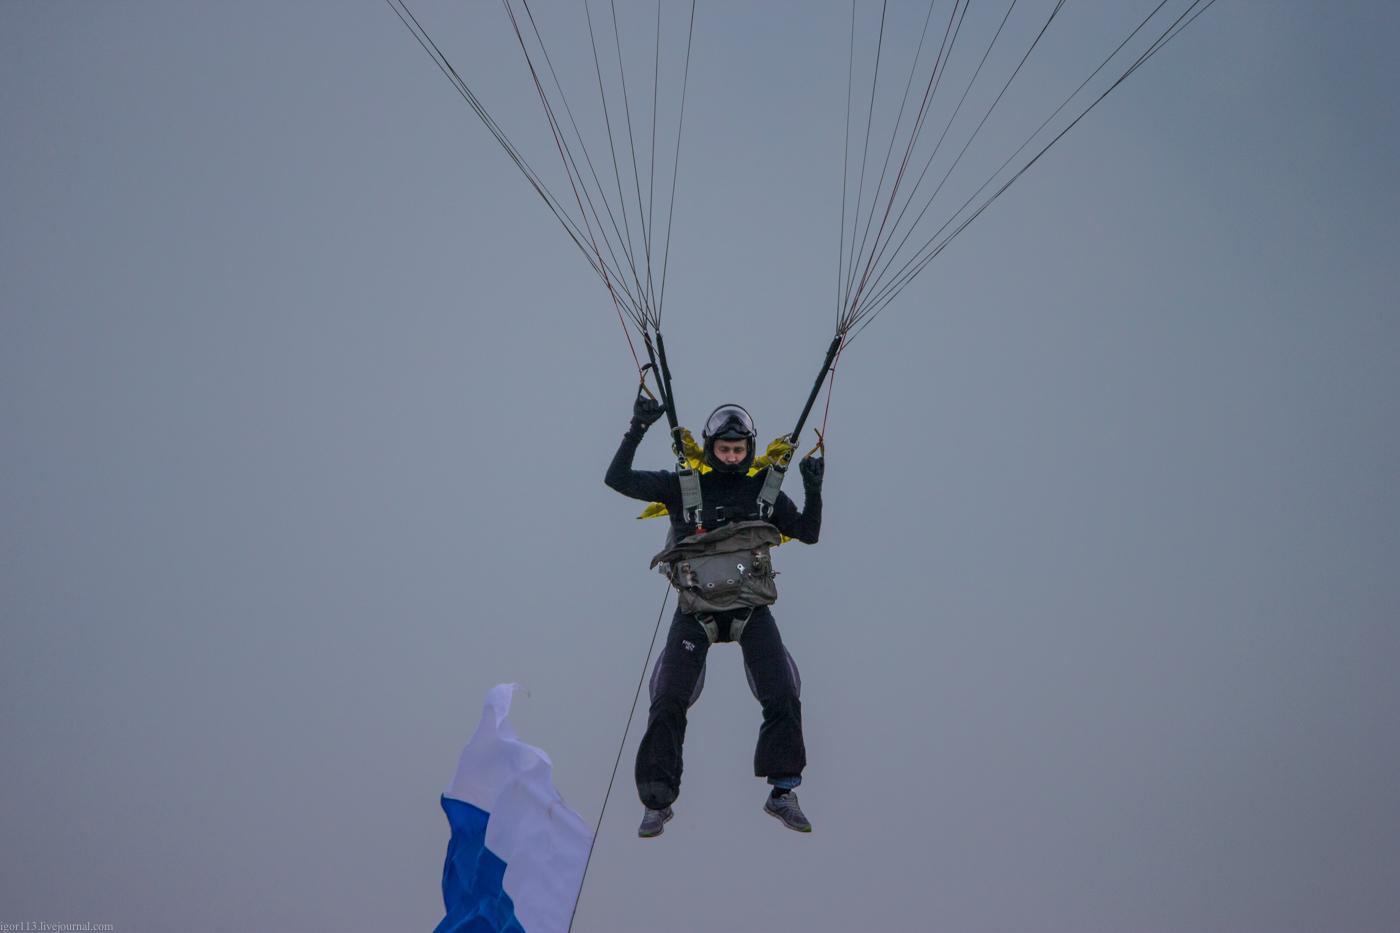 Выброс флага, во время полёта, из контейнера запасного парашюта! Web